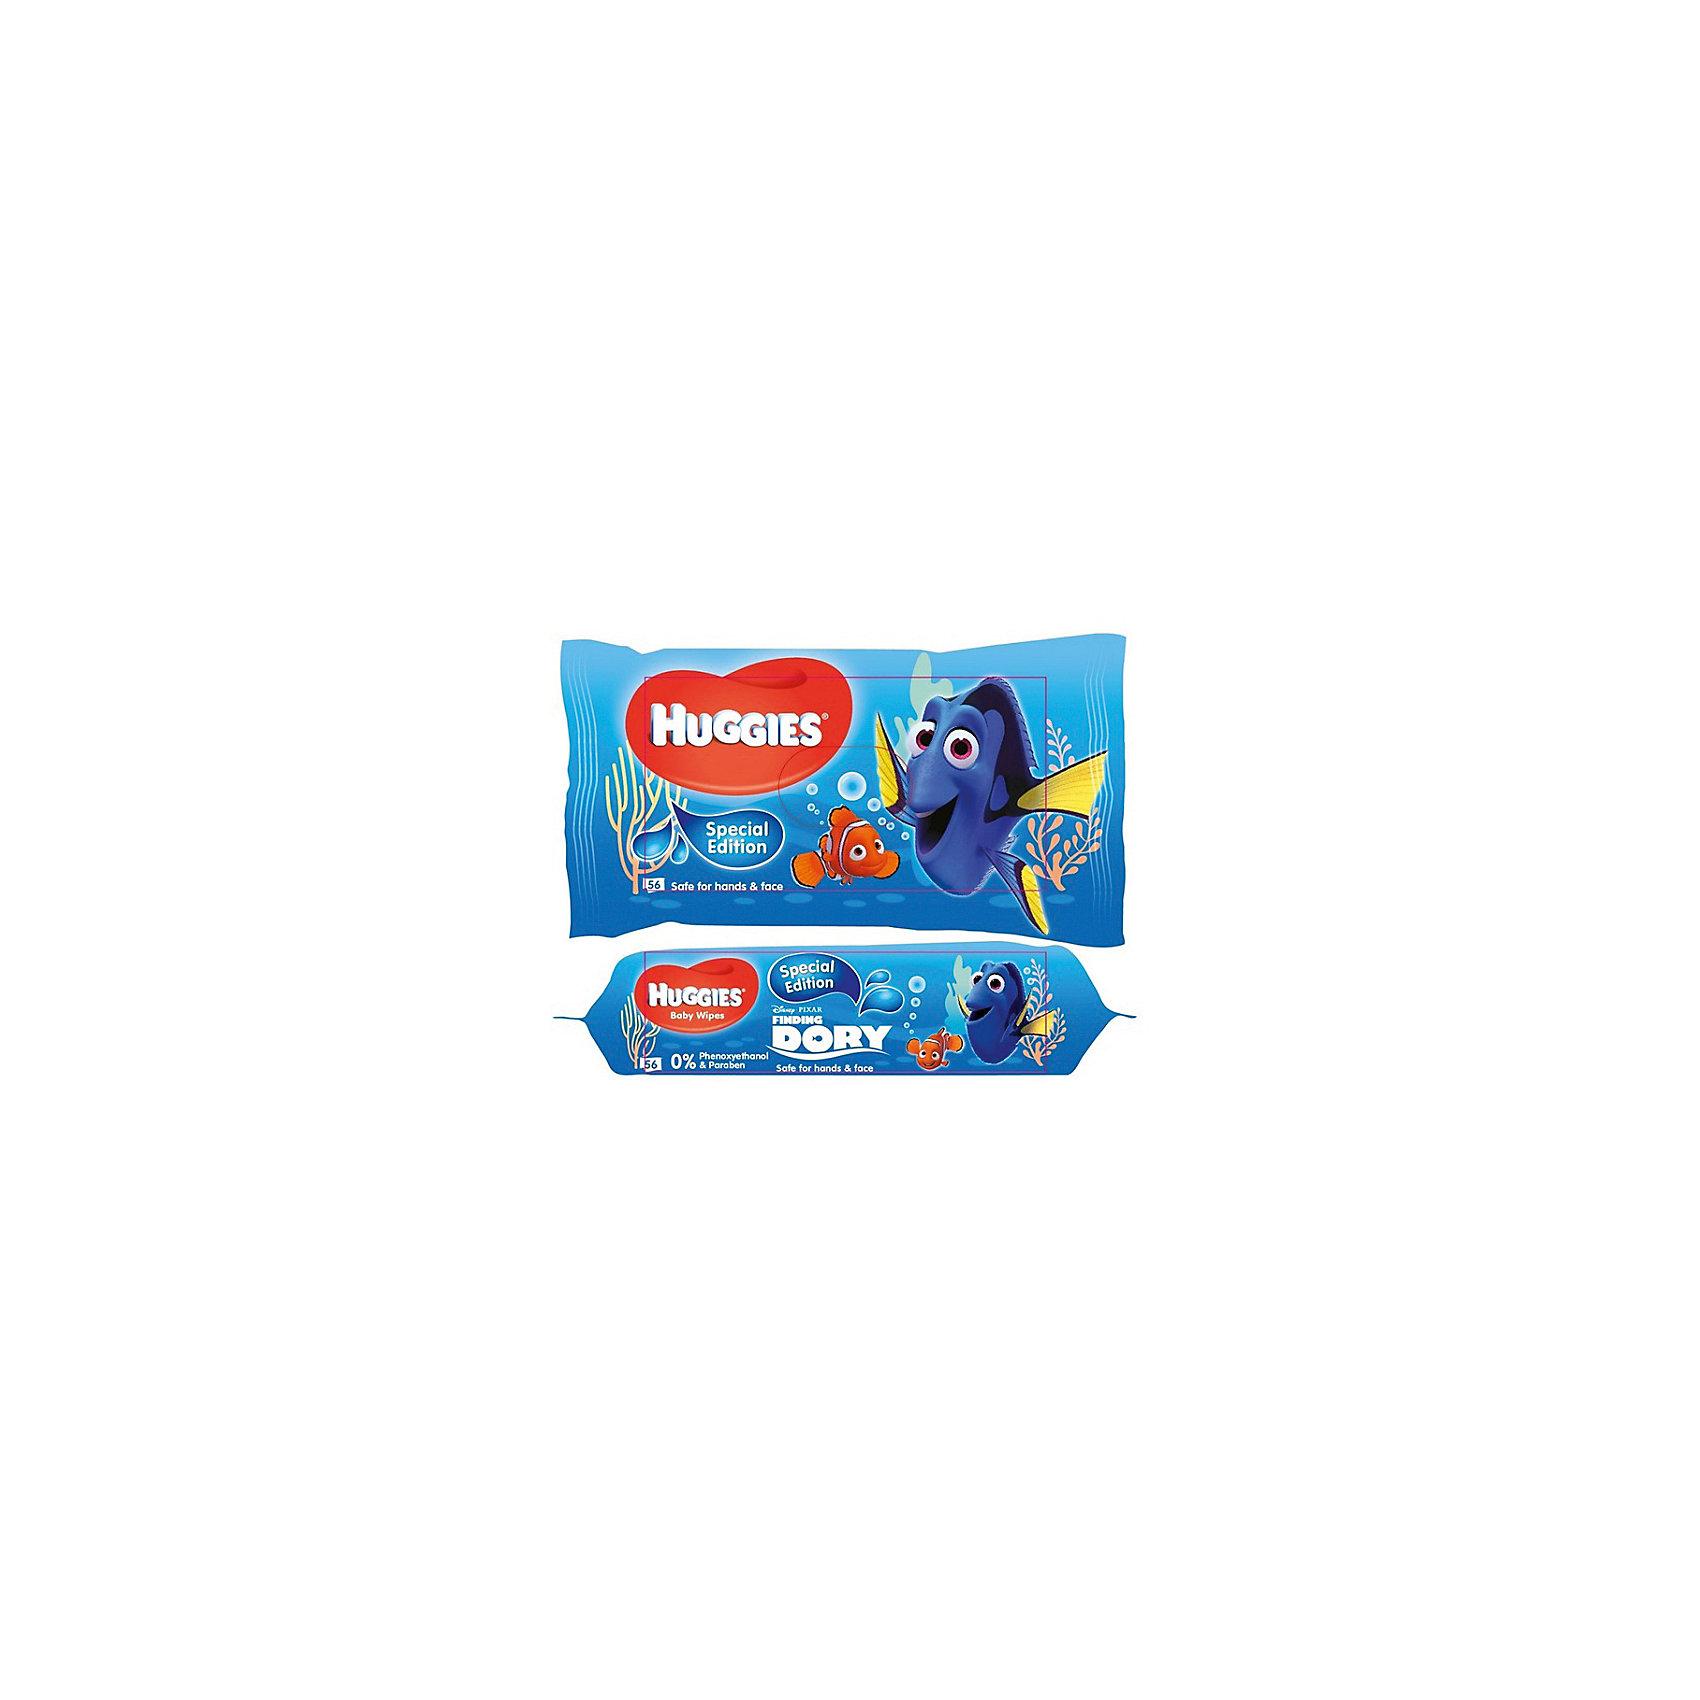 Детские влажные салфетки Huggies Рыбка Дори, 56шт.Влажные салфетки<br>Детские влажные салфетки Рыбка Дори (56 шт.), Huggies<br><br>Характеристики:<br><br>-В упаковке: 56 штук<br>-Безопасный материал для кожи ребёнка<br>-Содержит алое и витамин Е<br>-Без спирта и парабенов<br><br>Гигиена для ребенка - это залог его здоровья. Детские влажные салфетки Рыбка Дори (56 шт.), Huggies помогут позаботиться о чистоте вашего ребёнка. Салфетки абсолютно безопасны для ребёнка. Многослойная текстура обеспечит нежный уход и позволит убрать грязь без всяких затруднений. А яркая упаковка с главными героями мультфильма Дори поможет быстр приучить ребёнка к гигиене.<br><br>Детские влажные салфетки Рыбка Дори (56шт.), Huggies можно приобрести в нашем интернет-магазине.<br><br>Ширина мм: 150<br>Глубина мм: 100<br>Высота мм: 150<br>Вес г: 500<br>Возраст от месяцев: 0<br>Возраст до месяцев: 36<br>Пол: Унисекс<br>Возраст: Детский<br>SKU: 5126872